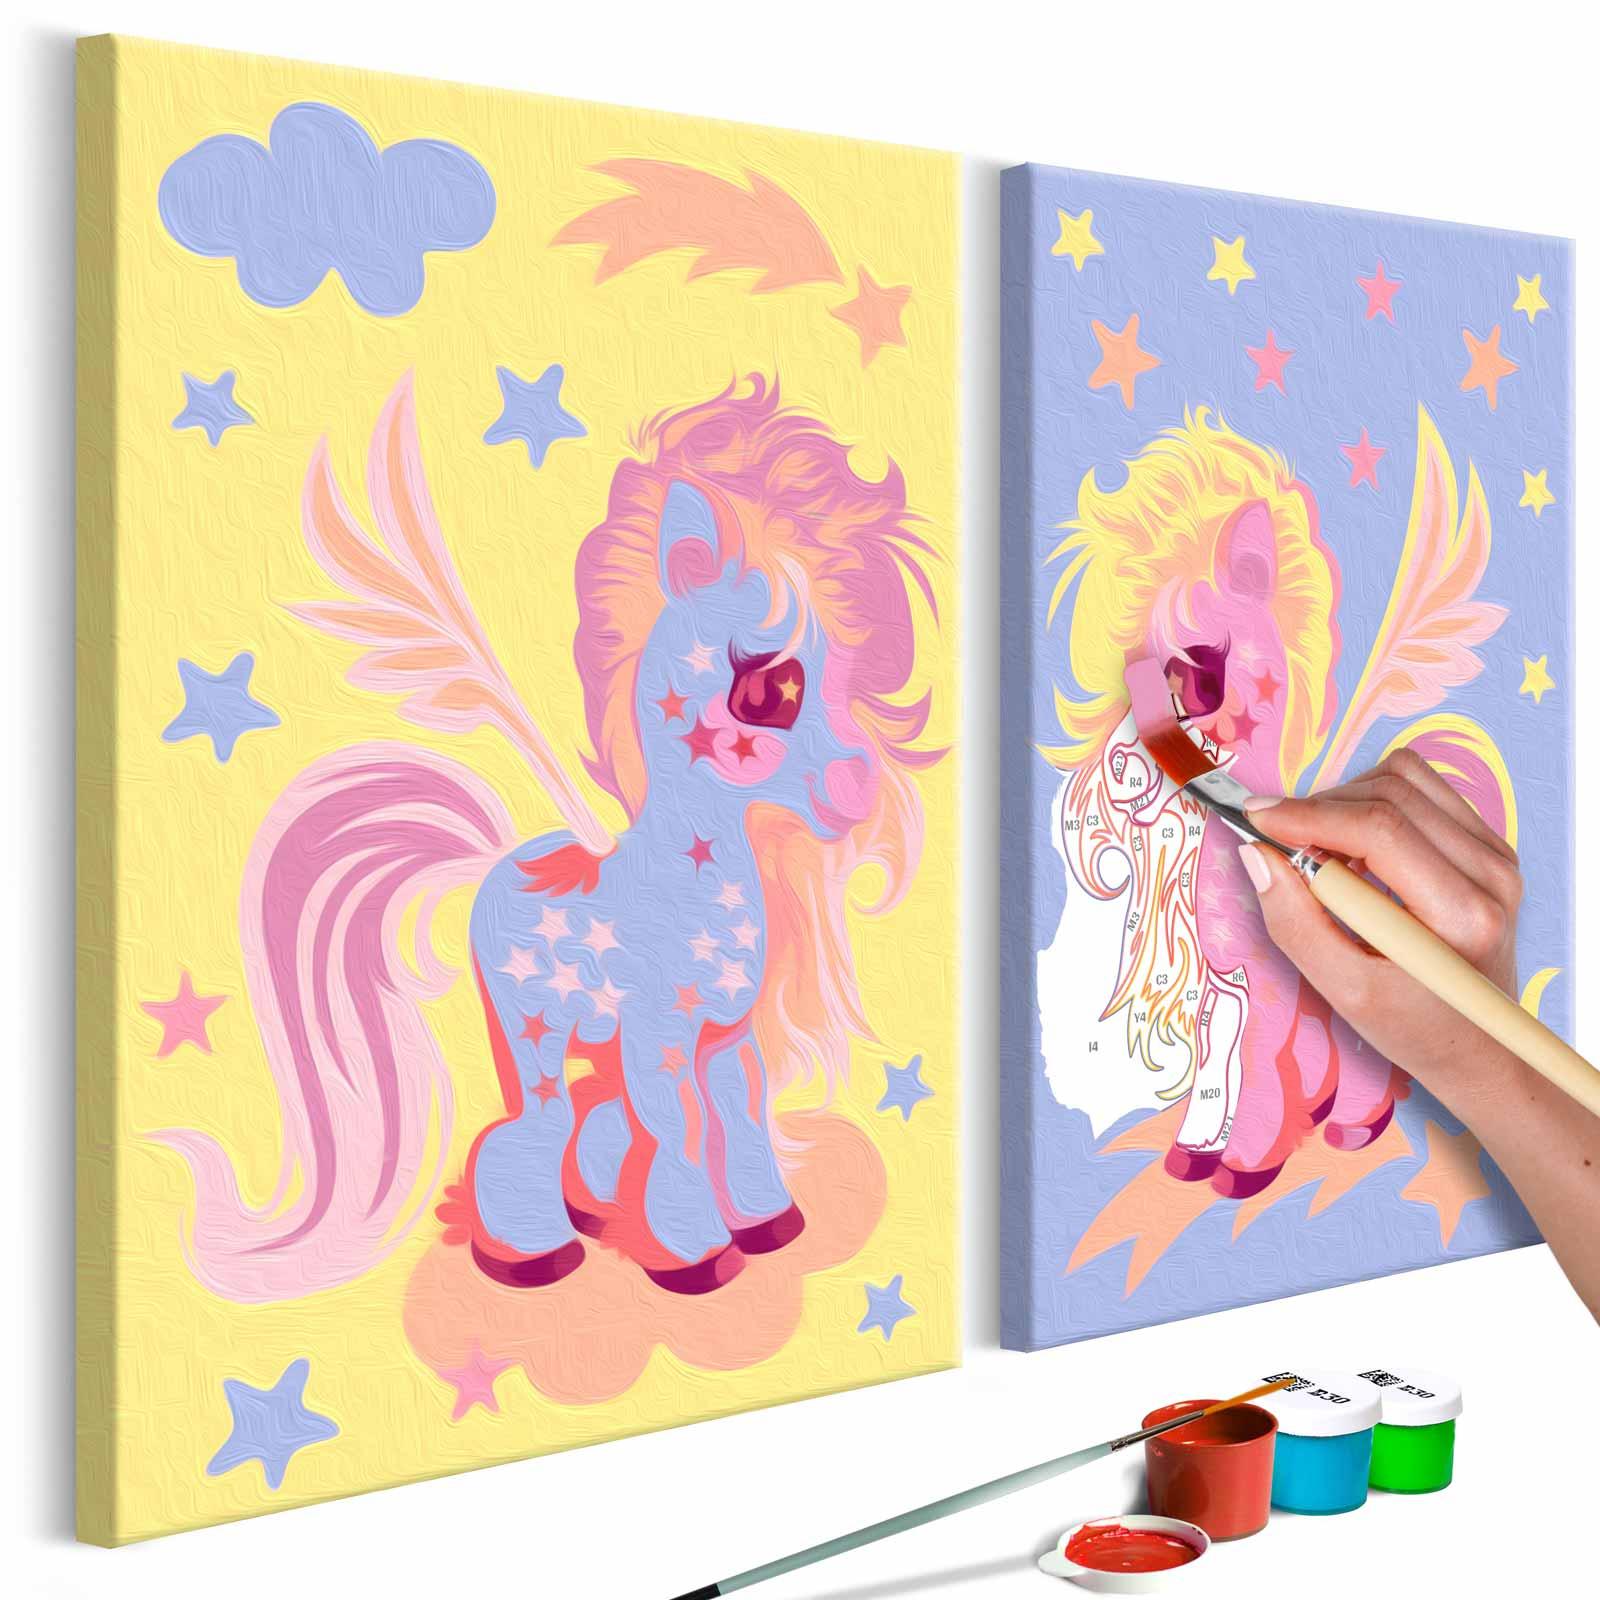 artgeist – Artgeist diy magical unicorns maleri - hvidt lærred, inkl. maling og pensel (23x120) fra boboonline.dk